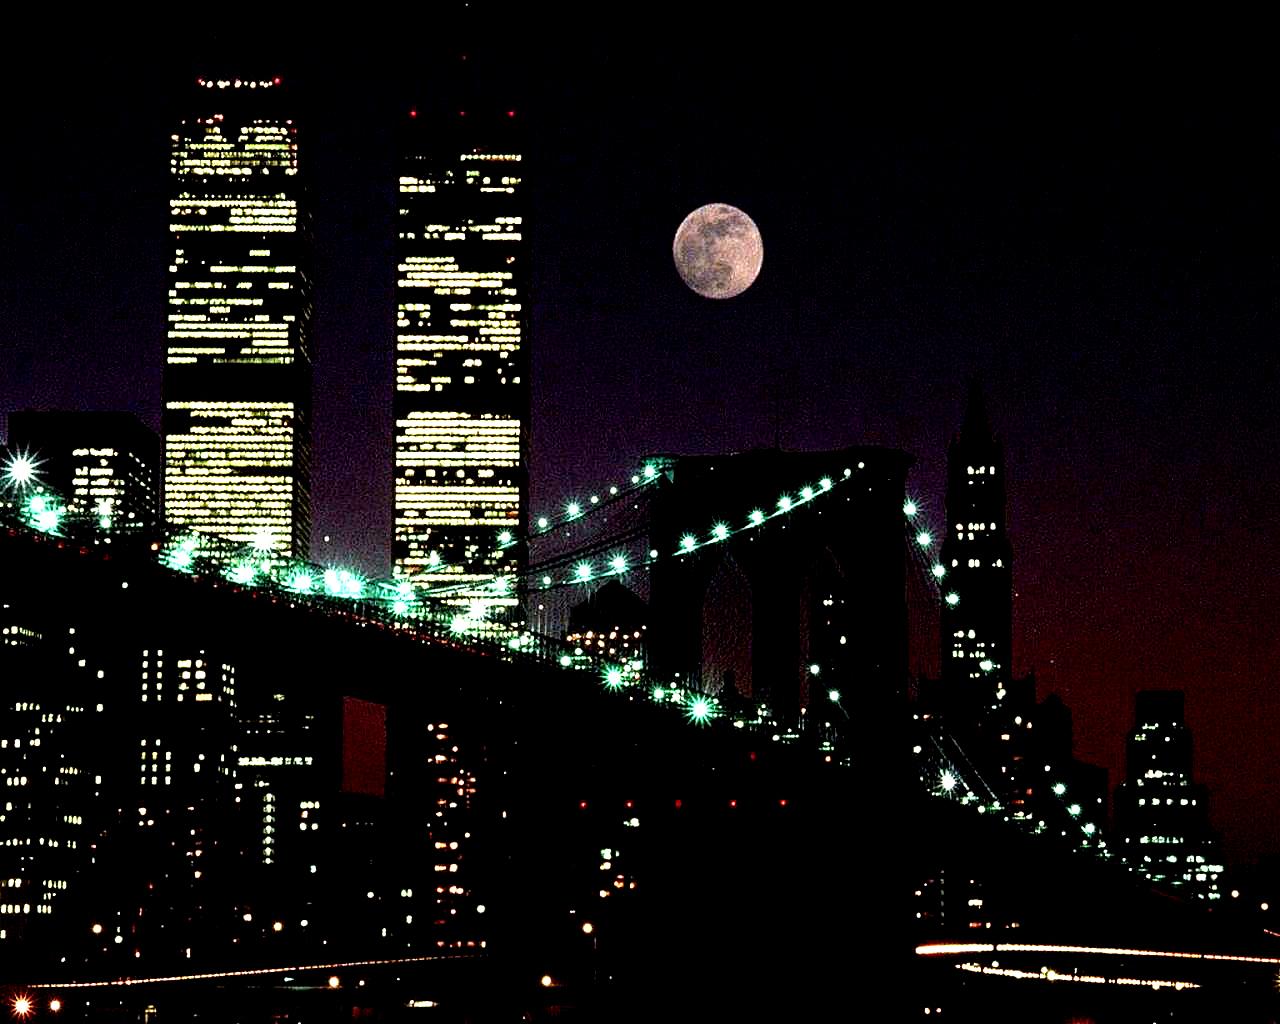 New York Skyline - September 10, 2001